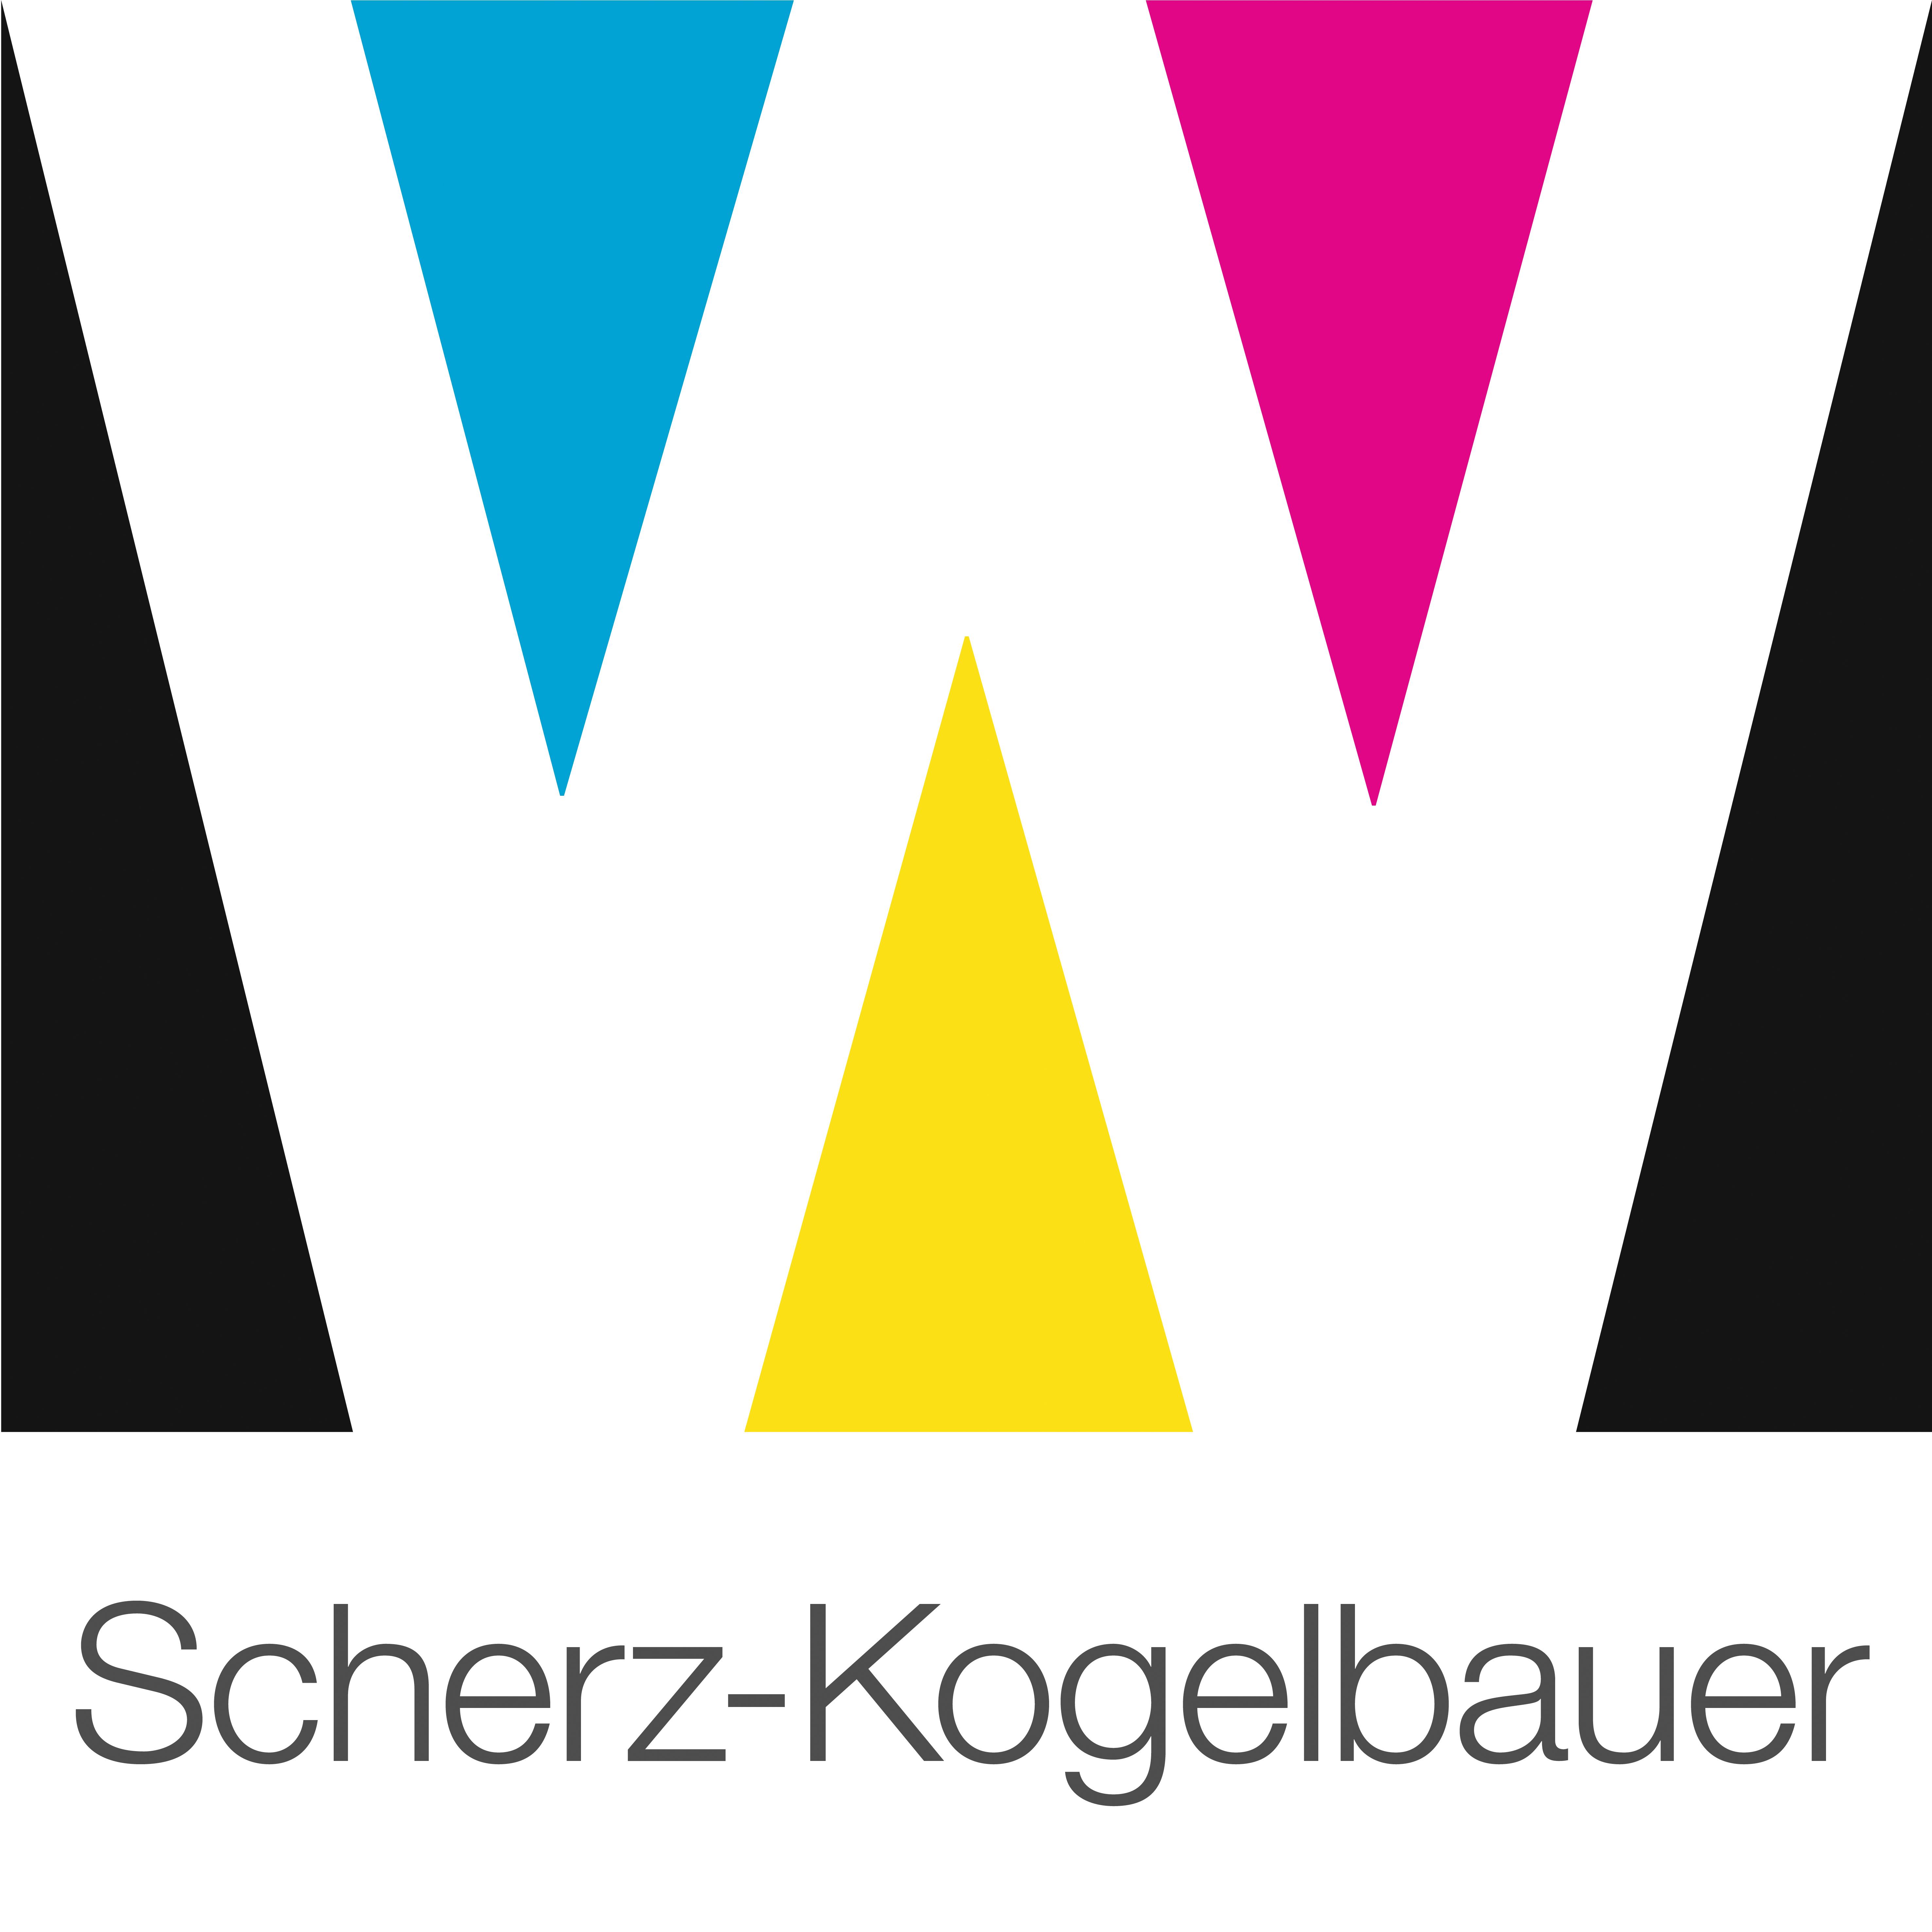 Epaper der Scherz-Kogelbauer GmbH